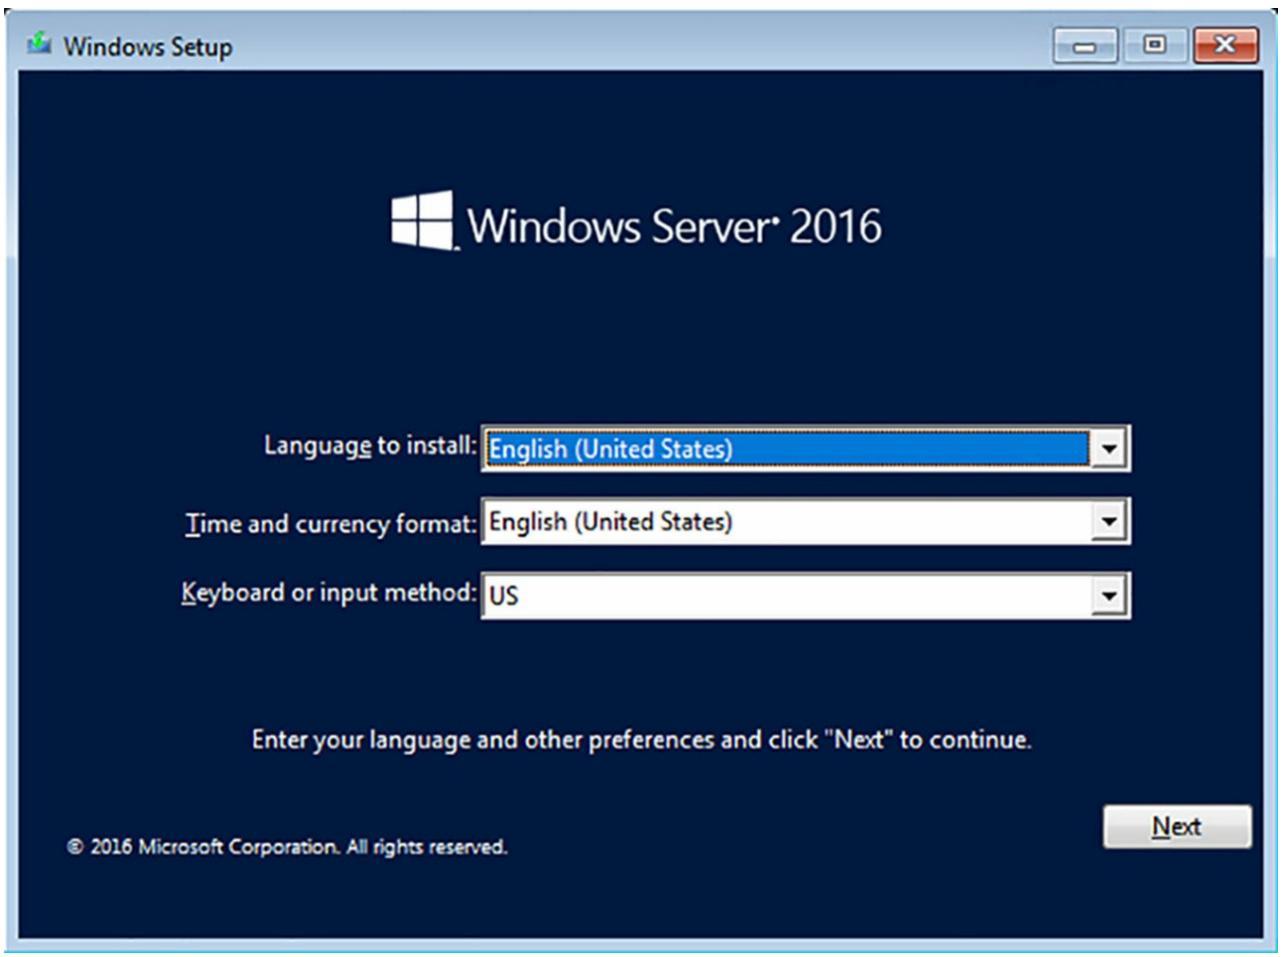 Глава 1  Установка Windows Servers на хосте и в